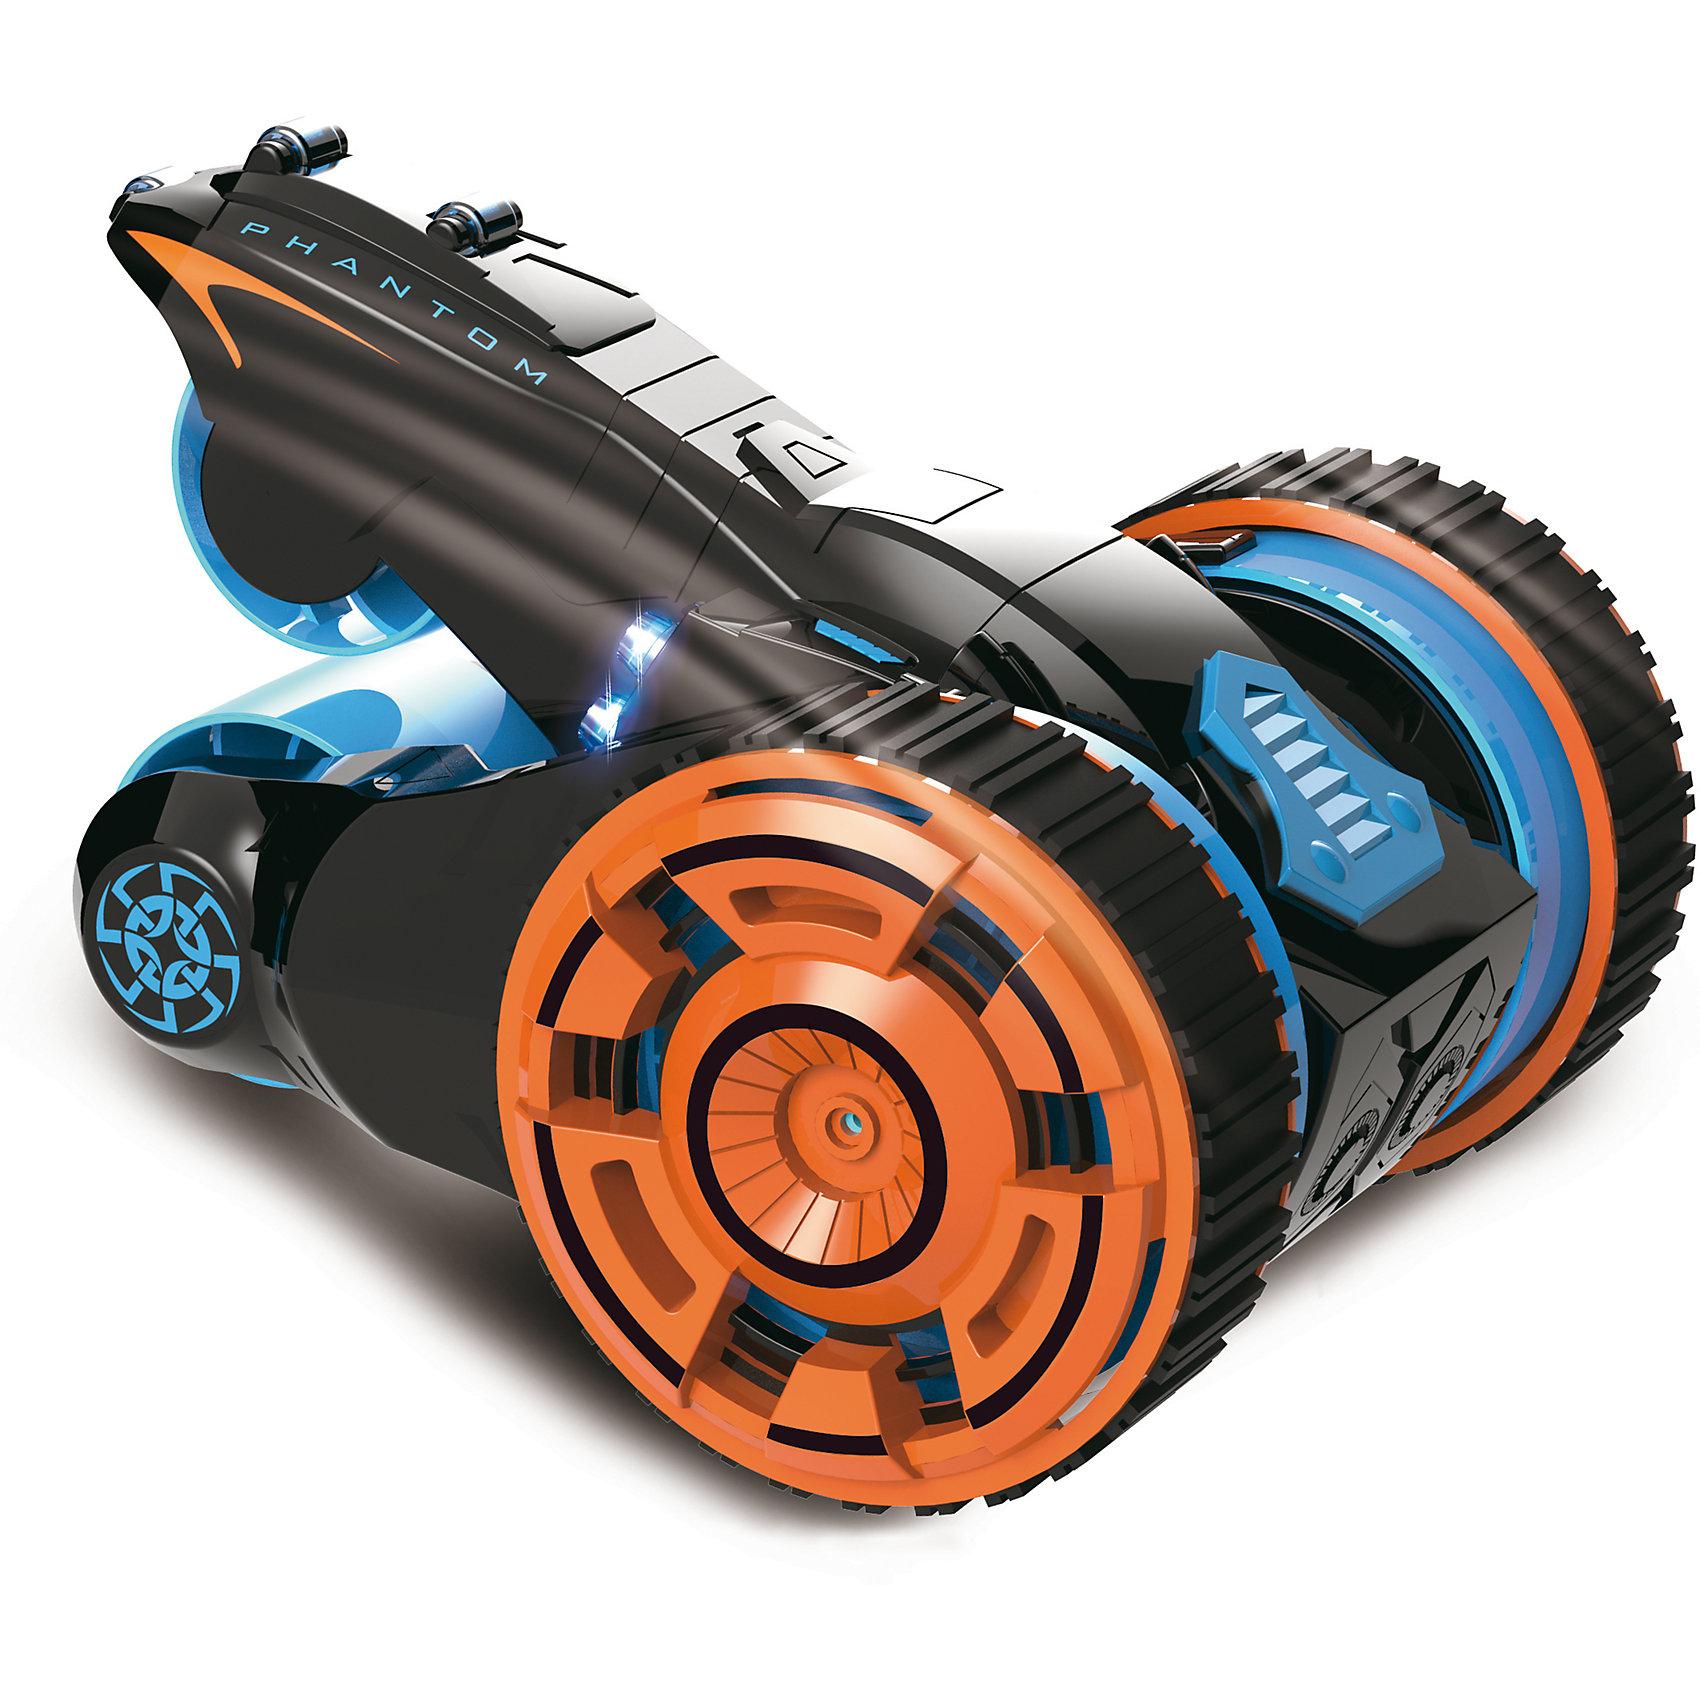 Радиоуправляемая машинка трюковая, 4 колеса, MKBРадиоуправляемый транспорт<br><br><br>Ширина мм: 760<br>Глубина мм: 480<br>Высота мм: 560<br>Вес г: 1050<br>Возраст от месяцев: 36<br>Возраст до месяцев: 168<br>Пол: Унисекс<br>Возраст: Детский<br>SKU: 6883990